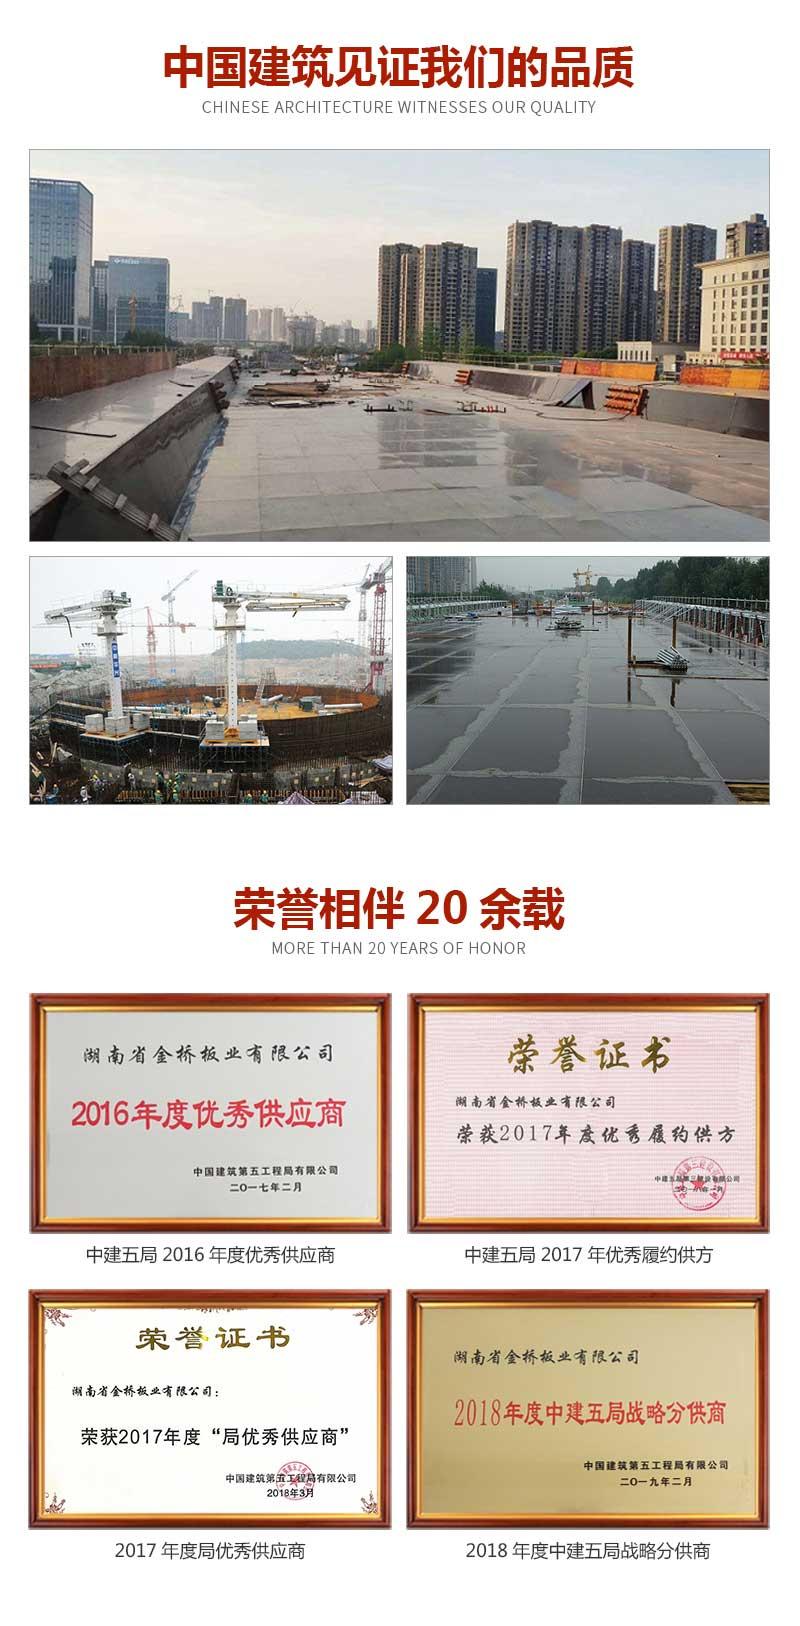 覆膜模板1.83*0.915*1.5金桥板业品质见证